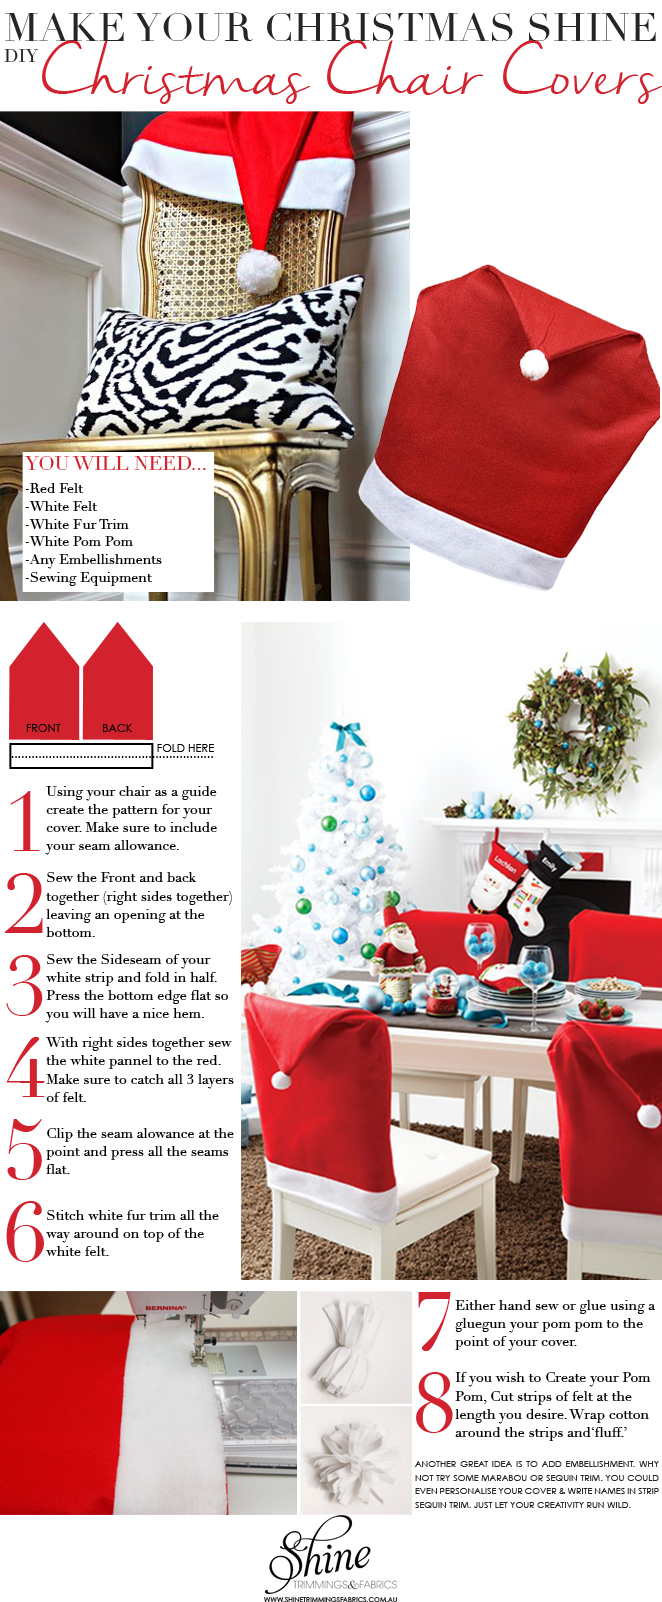 Diy christmas chair covers - Make Your Christmas Shine Christmas Chair Covers